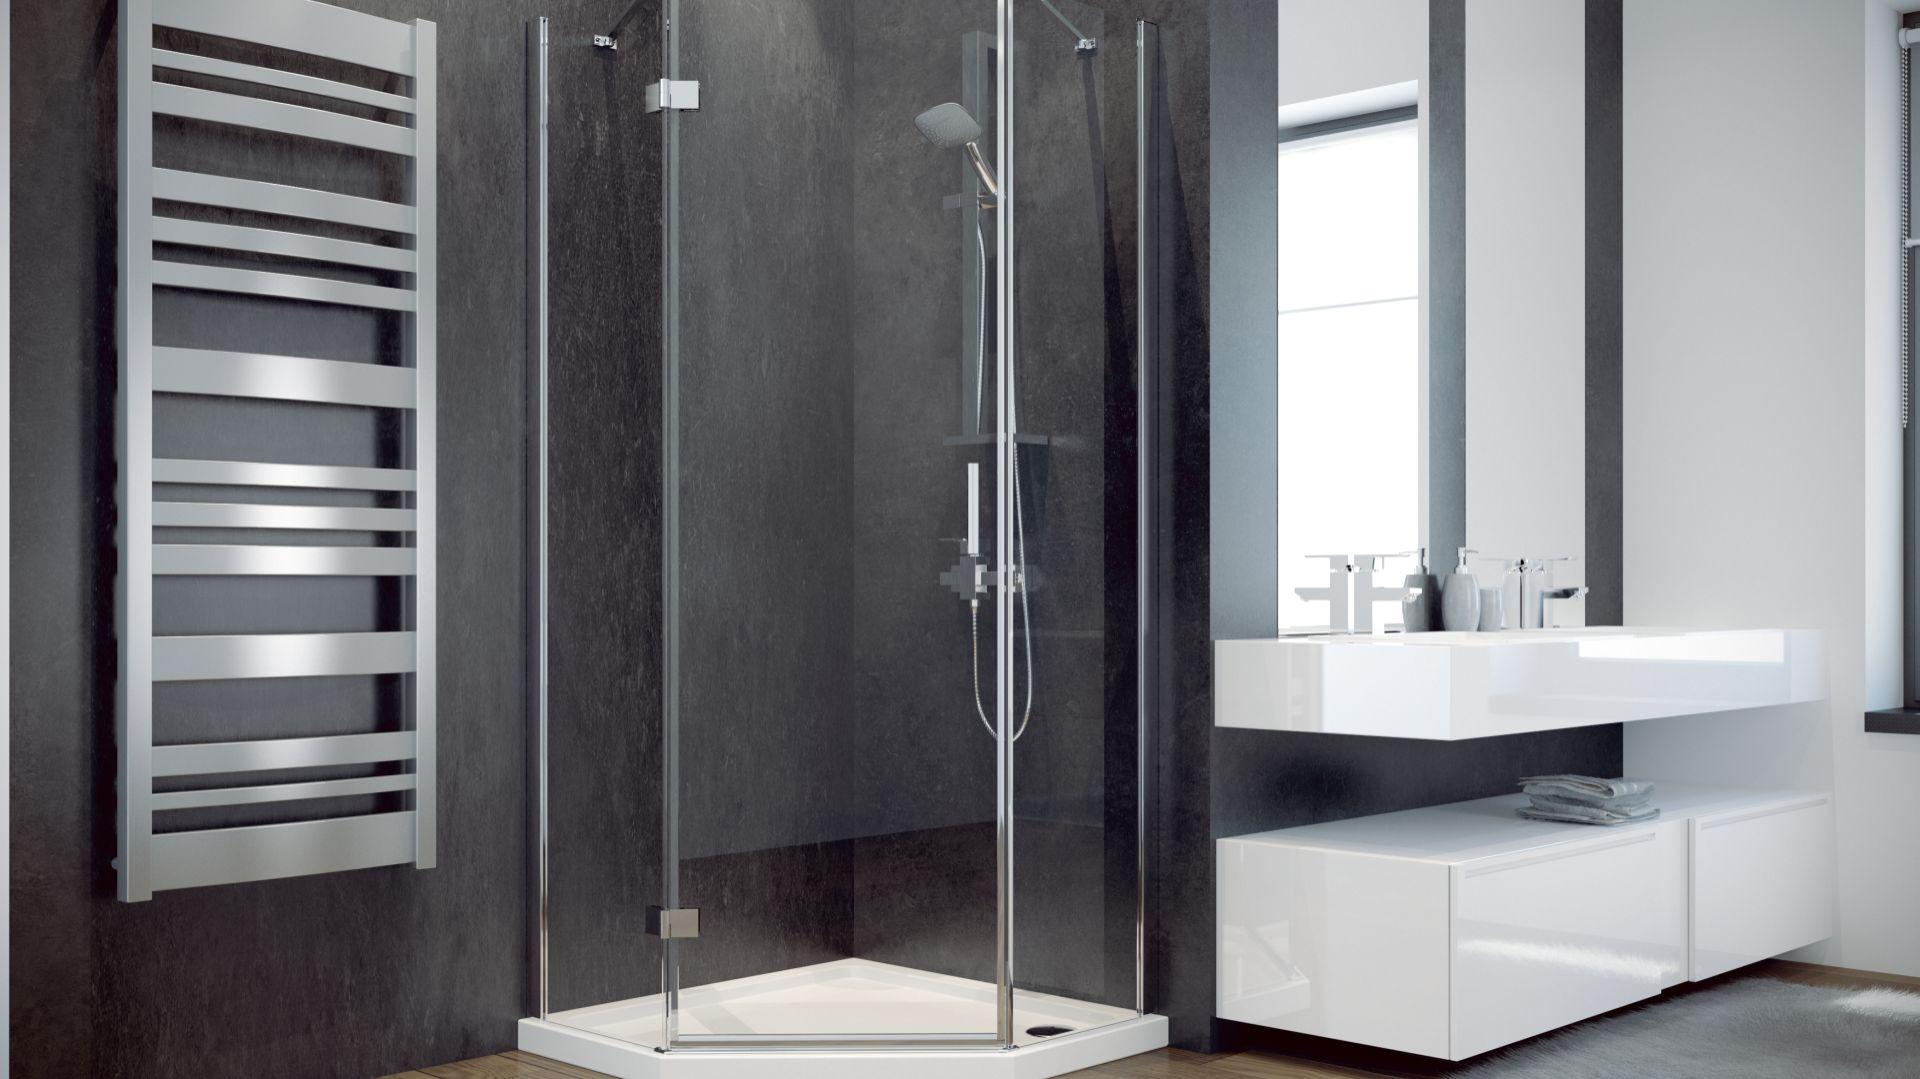 Kabina prysznicowa Viva/Besco. Produkt zgłoszony do konkursu Dobry Design 2018.